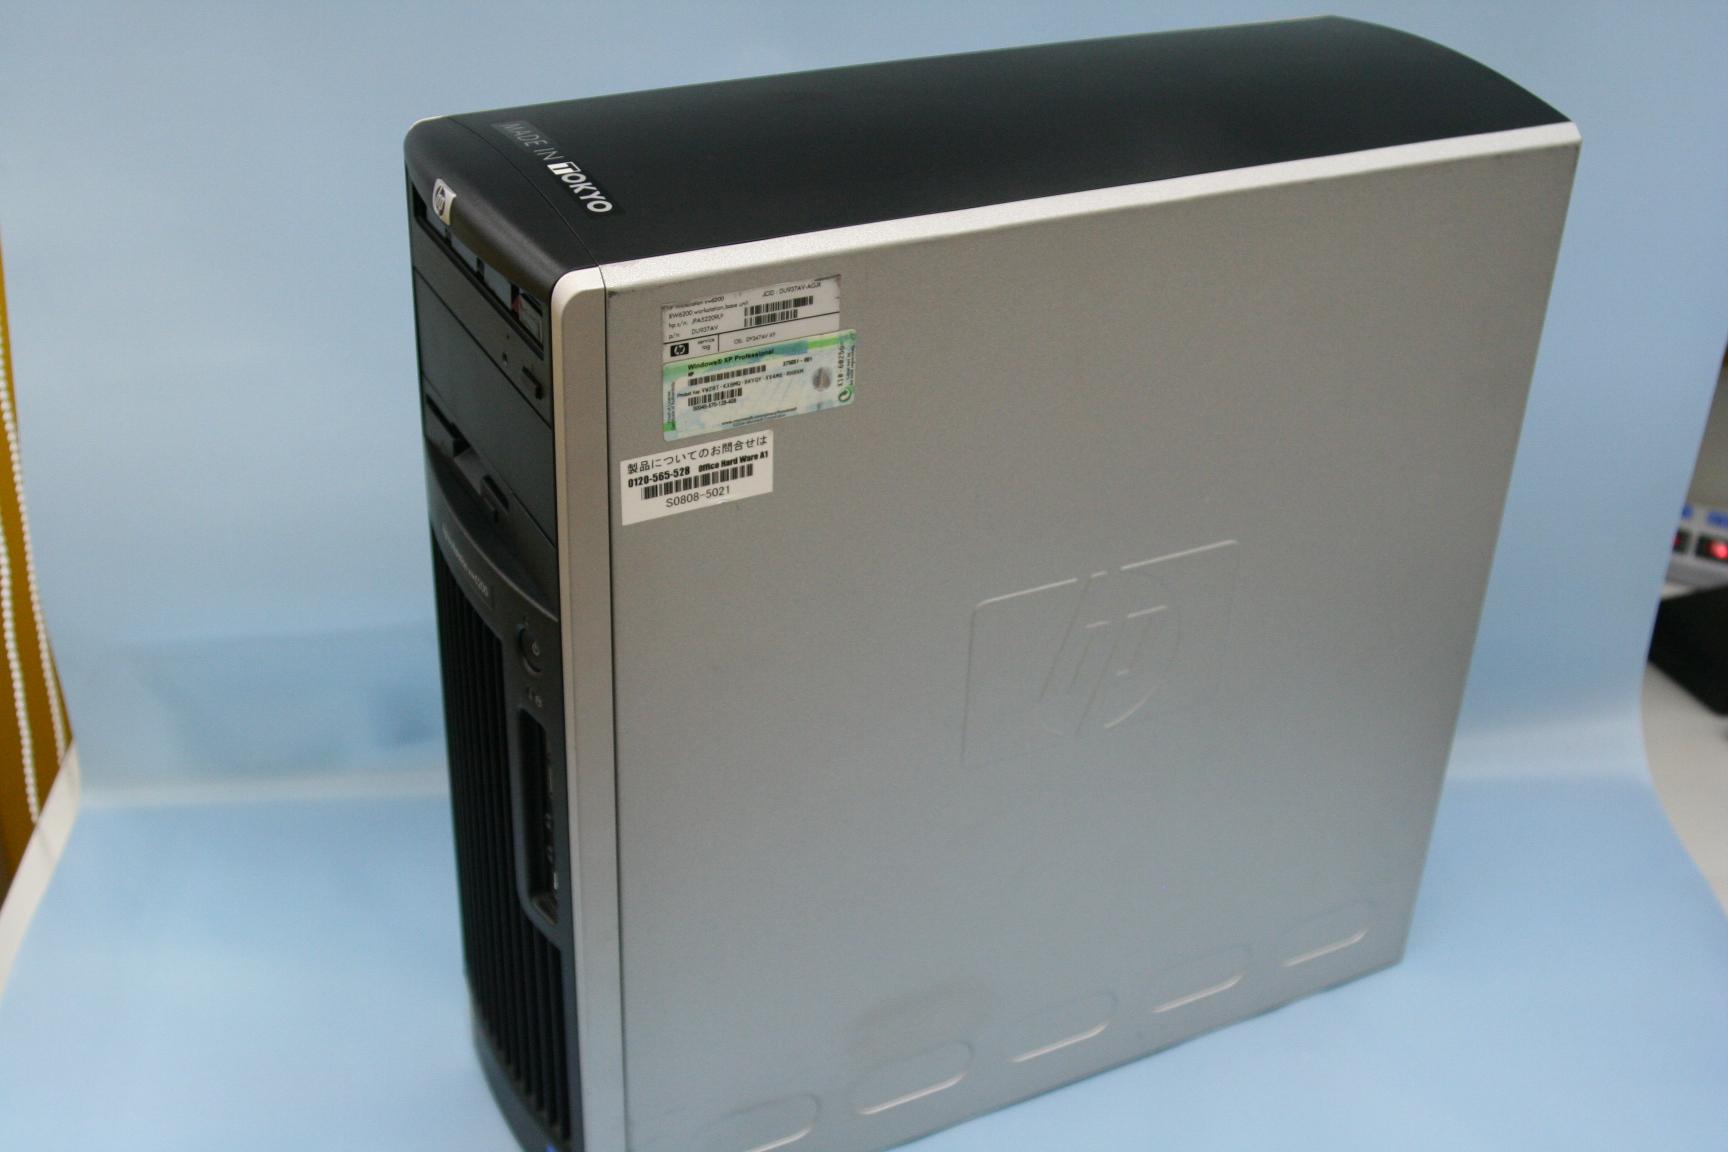 hp デスクトップPC(XW6200)